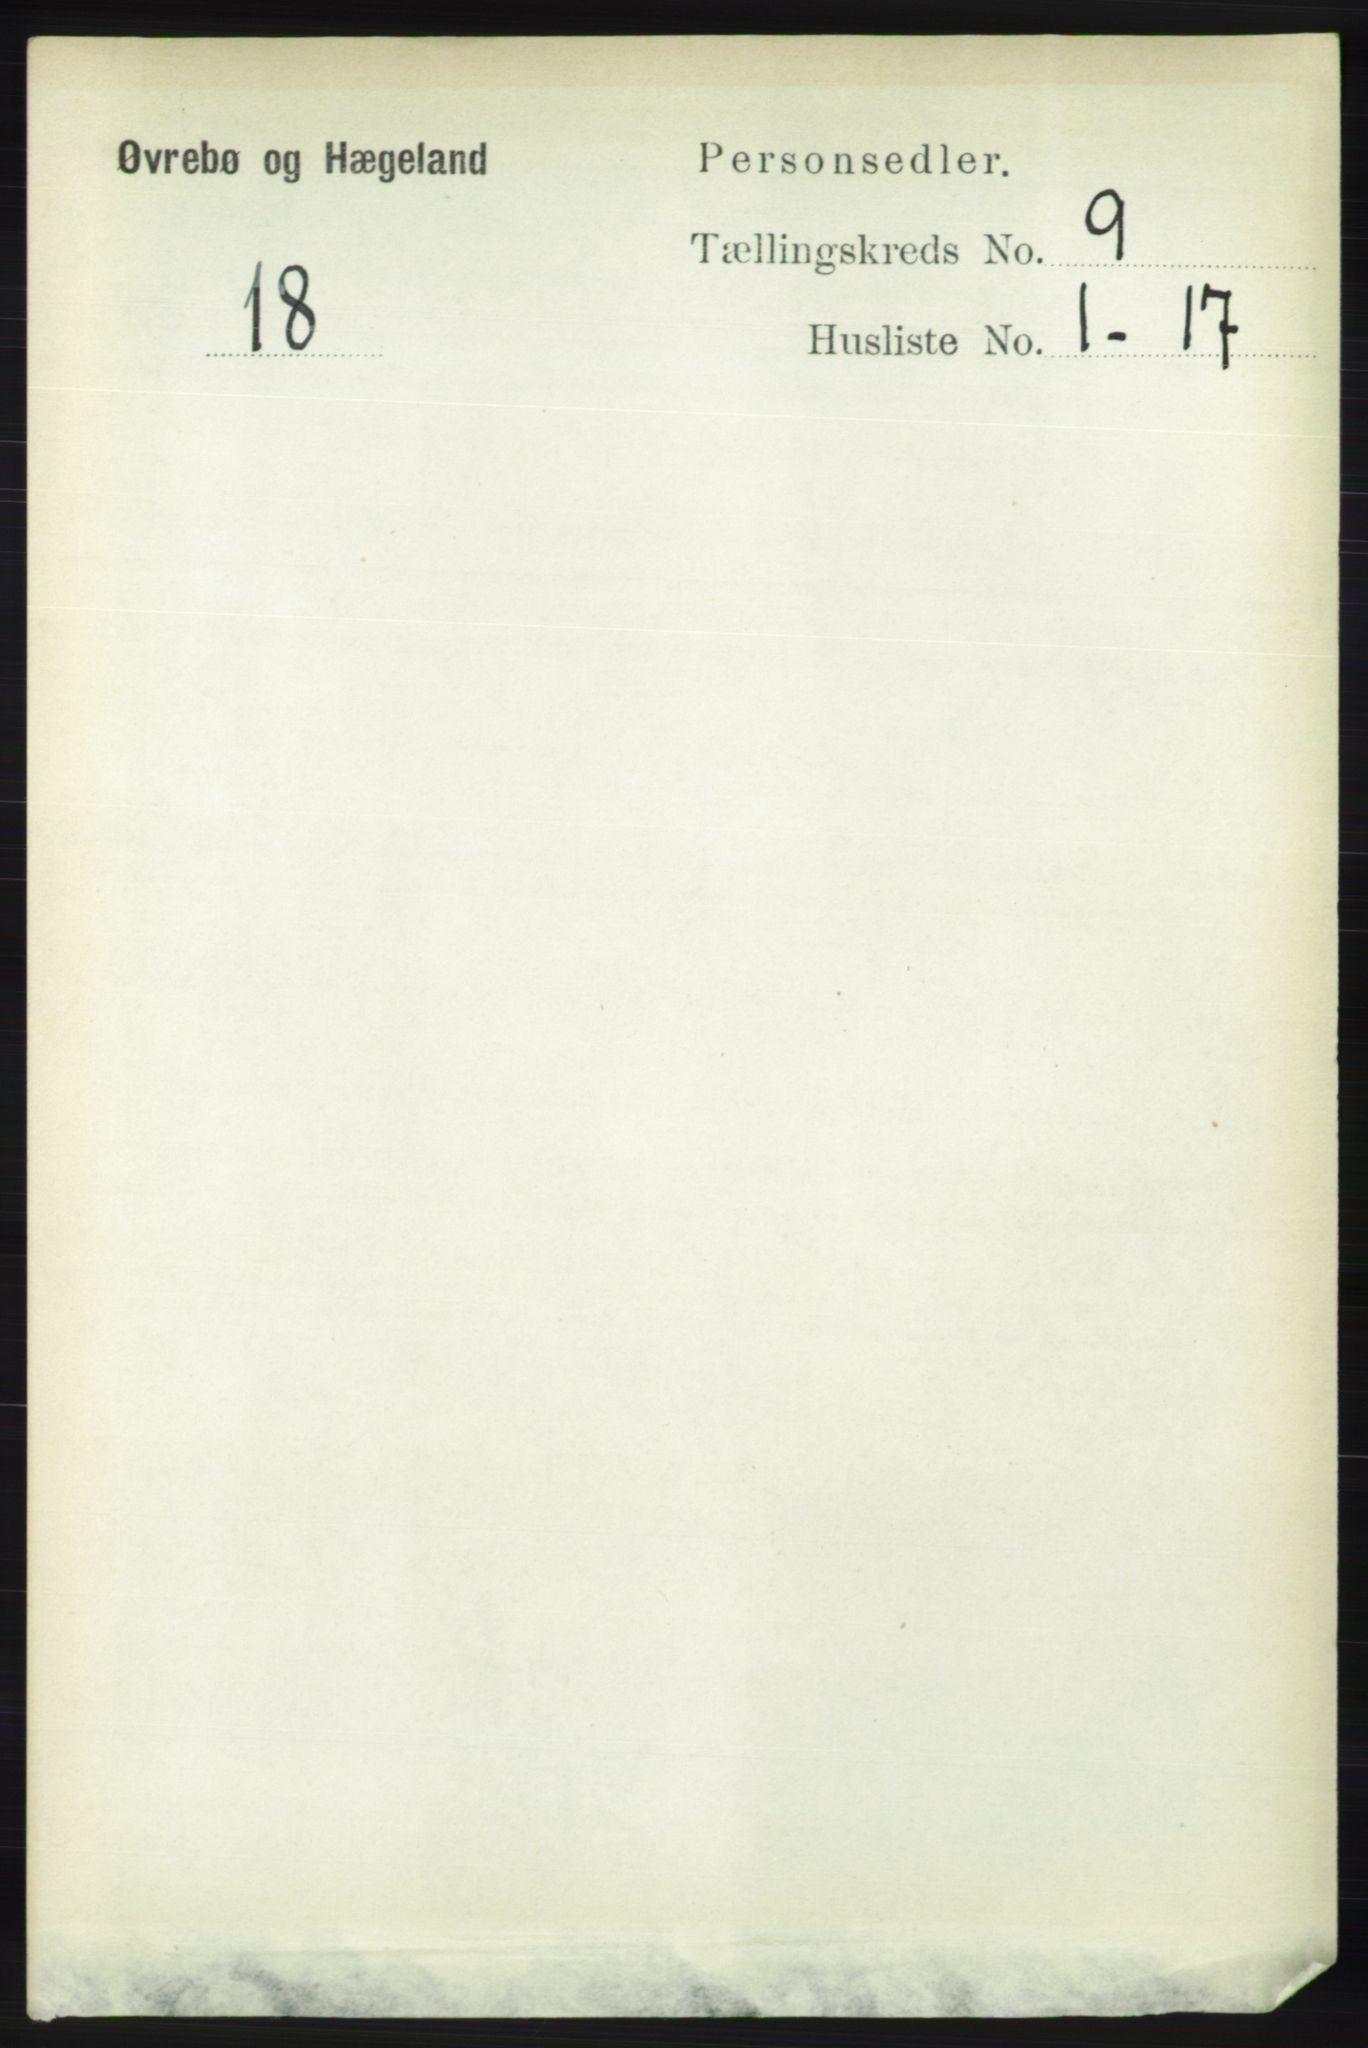 RA, Folketelling 1891 for 1016 Øvrebø og Hægeland herred, 1891, s. 1747